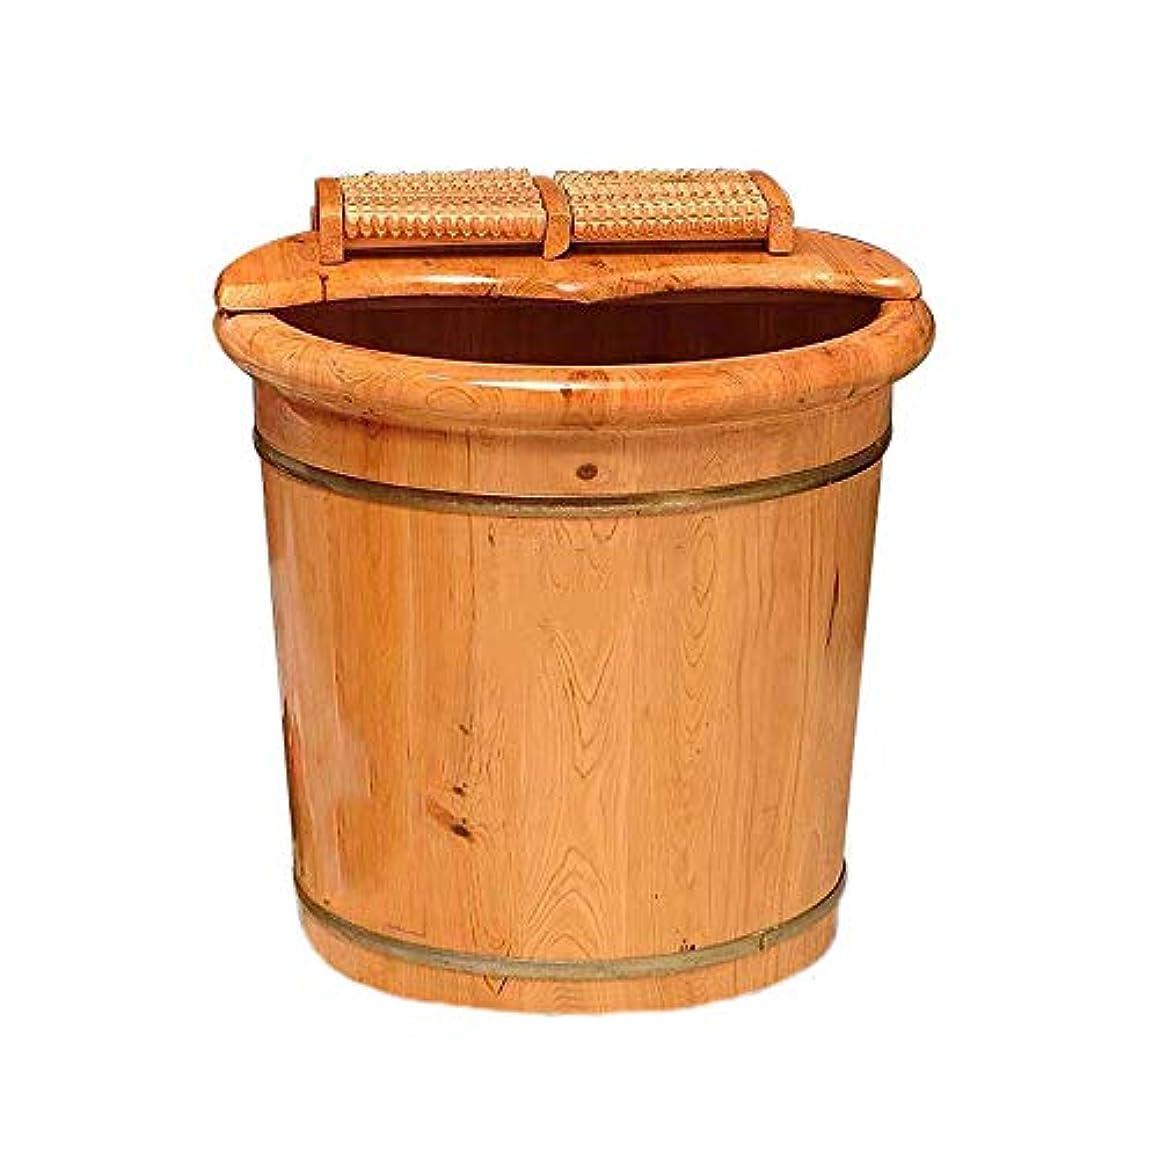 悪の肝透過性足浴桶 木製足湯器 ナチュラル フットバス ダークブラウン 足の浴槽、木製の足の盆地足のバレルの足の足のマッサージの足の盆カバーの足の桶